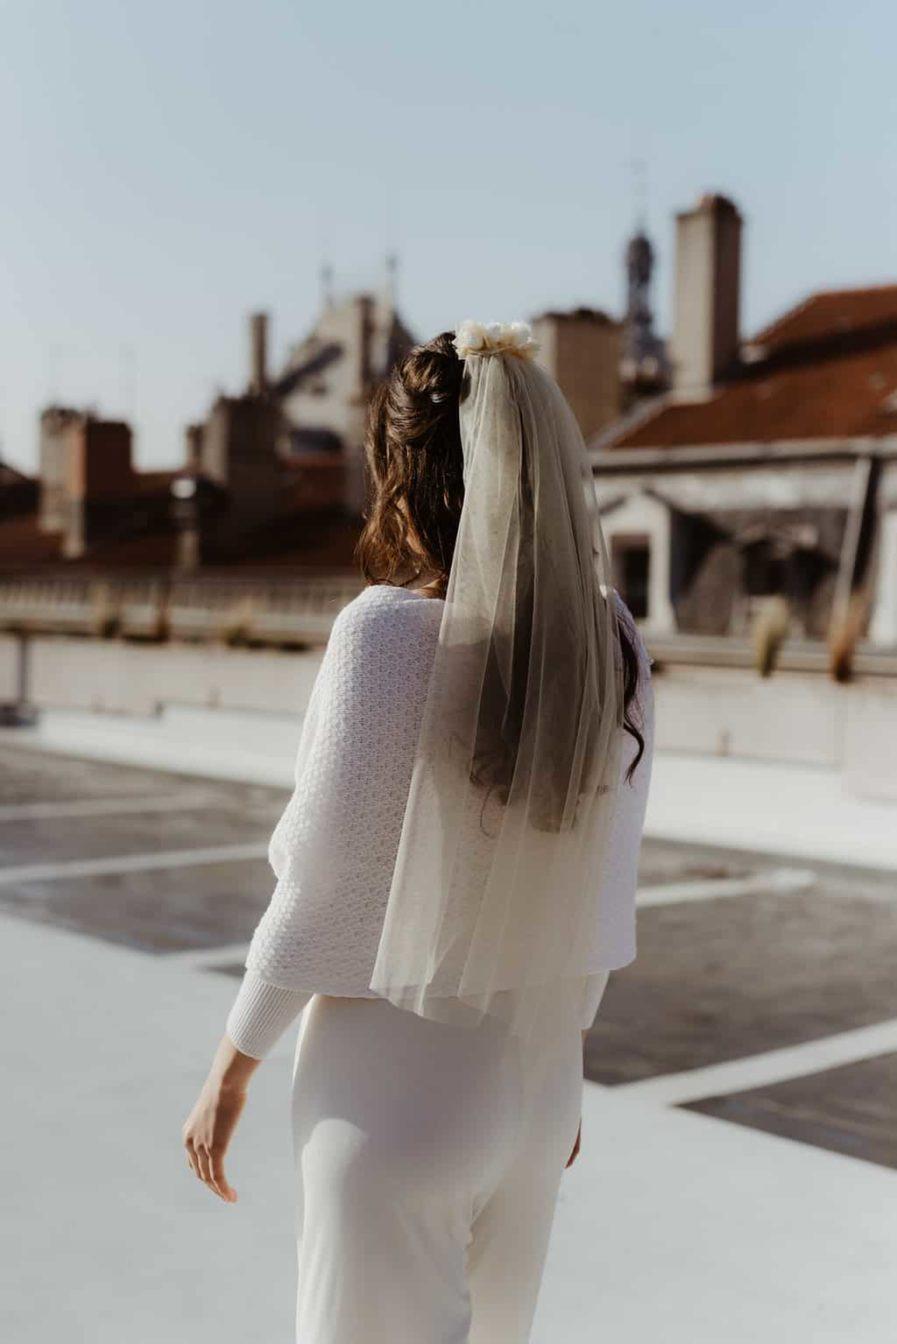 Photographie Anaïs Nannini - Voile de mariée en fleurs Ella - Couleur Champagne - Voile de mariage fleuri